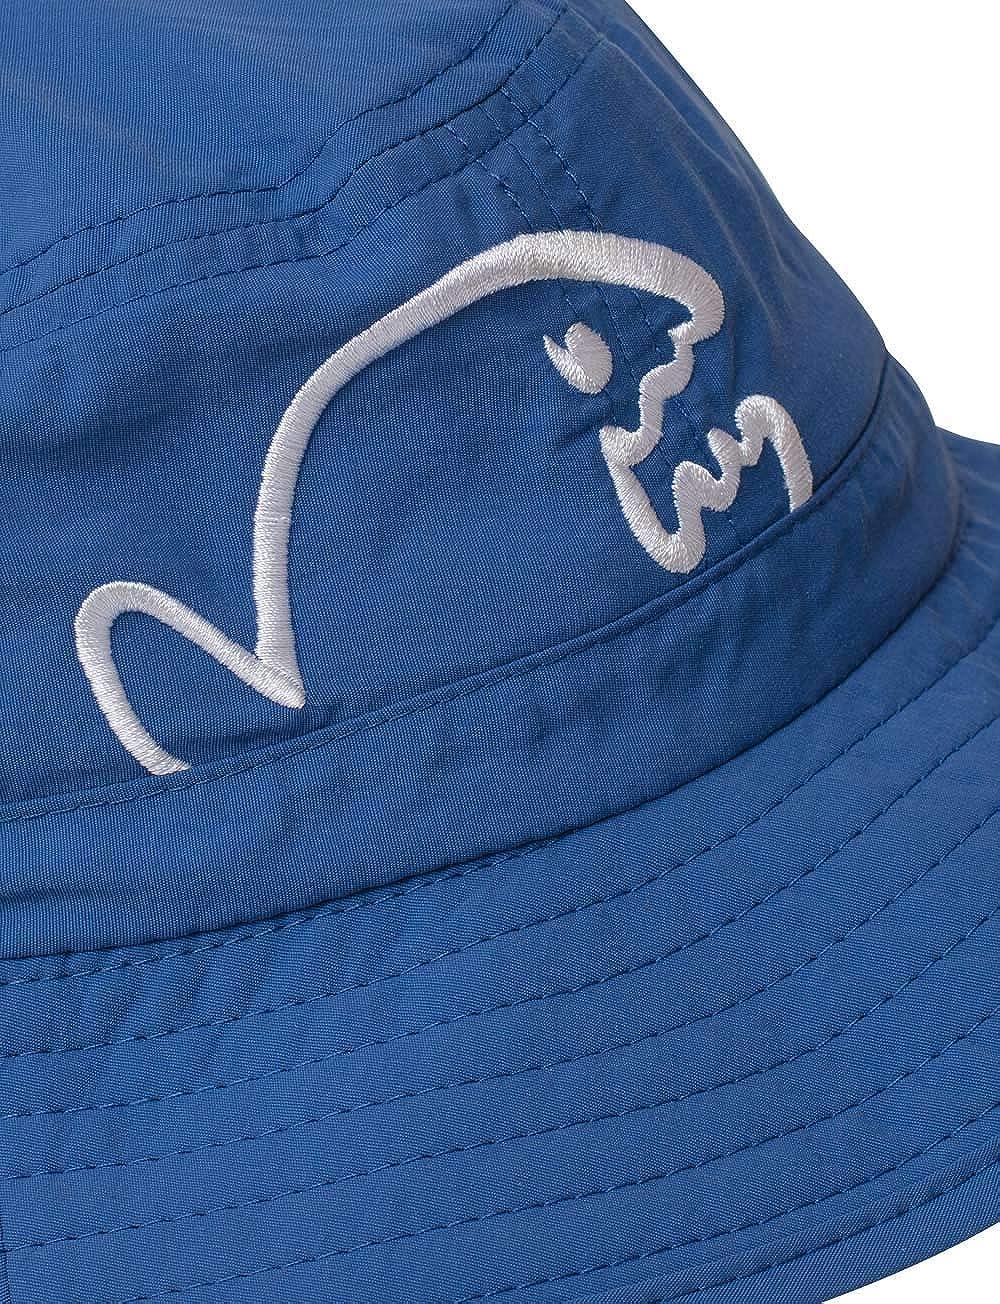 iQ-UV Childrens Bucket Hat Bites Sun Hat Dark Blue 50-55 cm